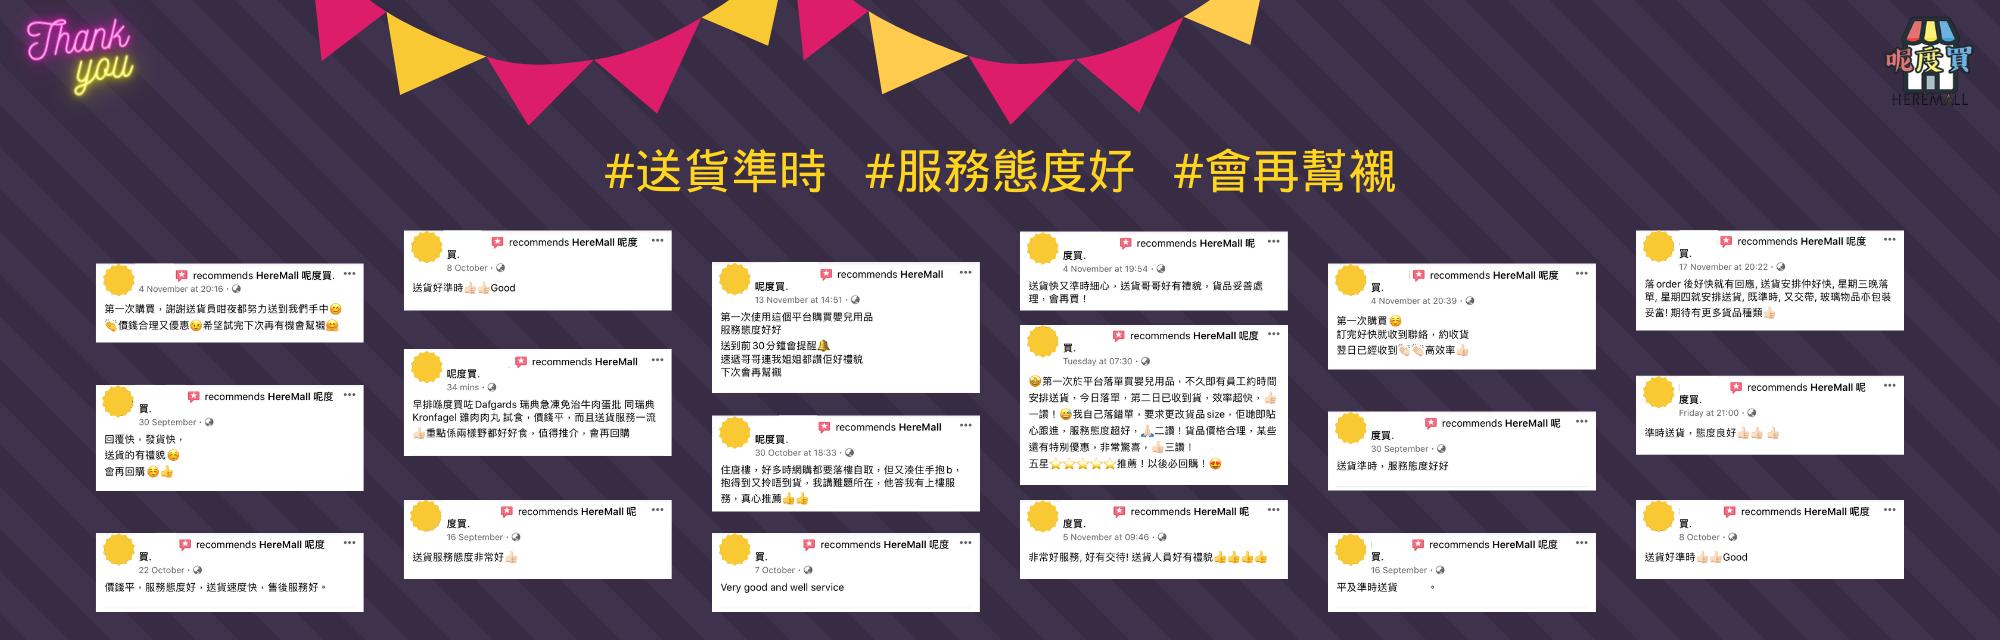 香港 網購 網店 正評 送貨準時 服務態度好 回購